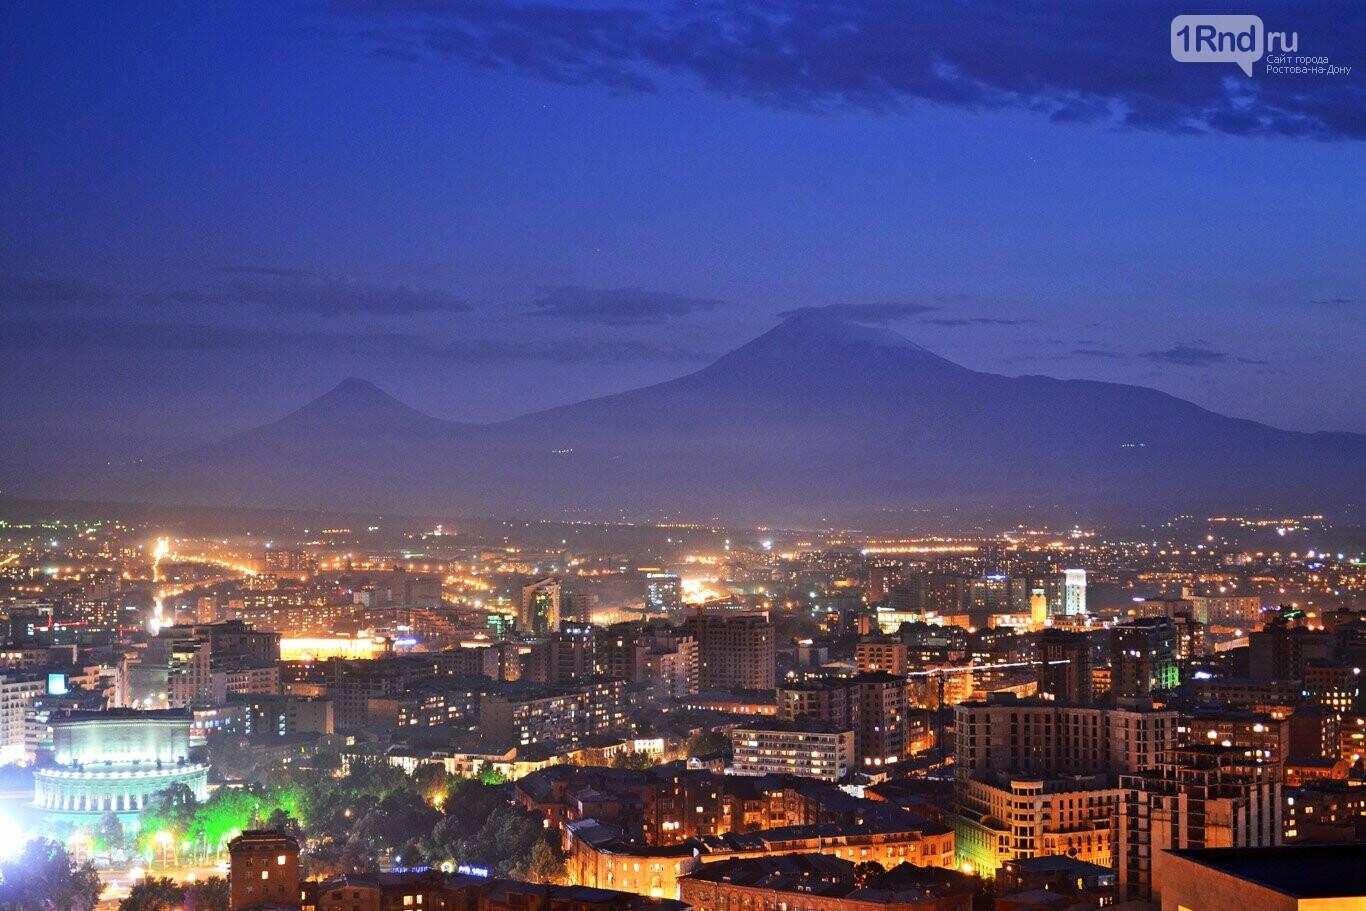 Улететь в осень: куда можно отправиться в отпуск из Ростова-на-Дону, фото-8, Фото: http://armenia-kapan.ru/